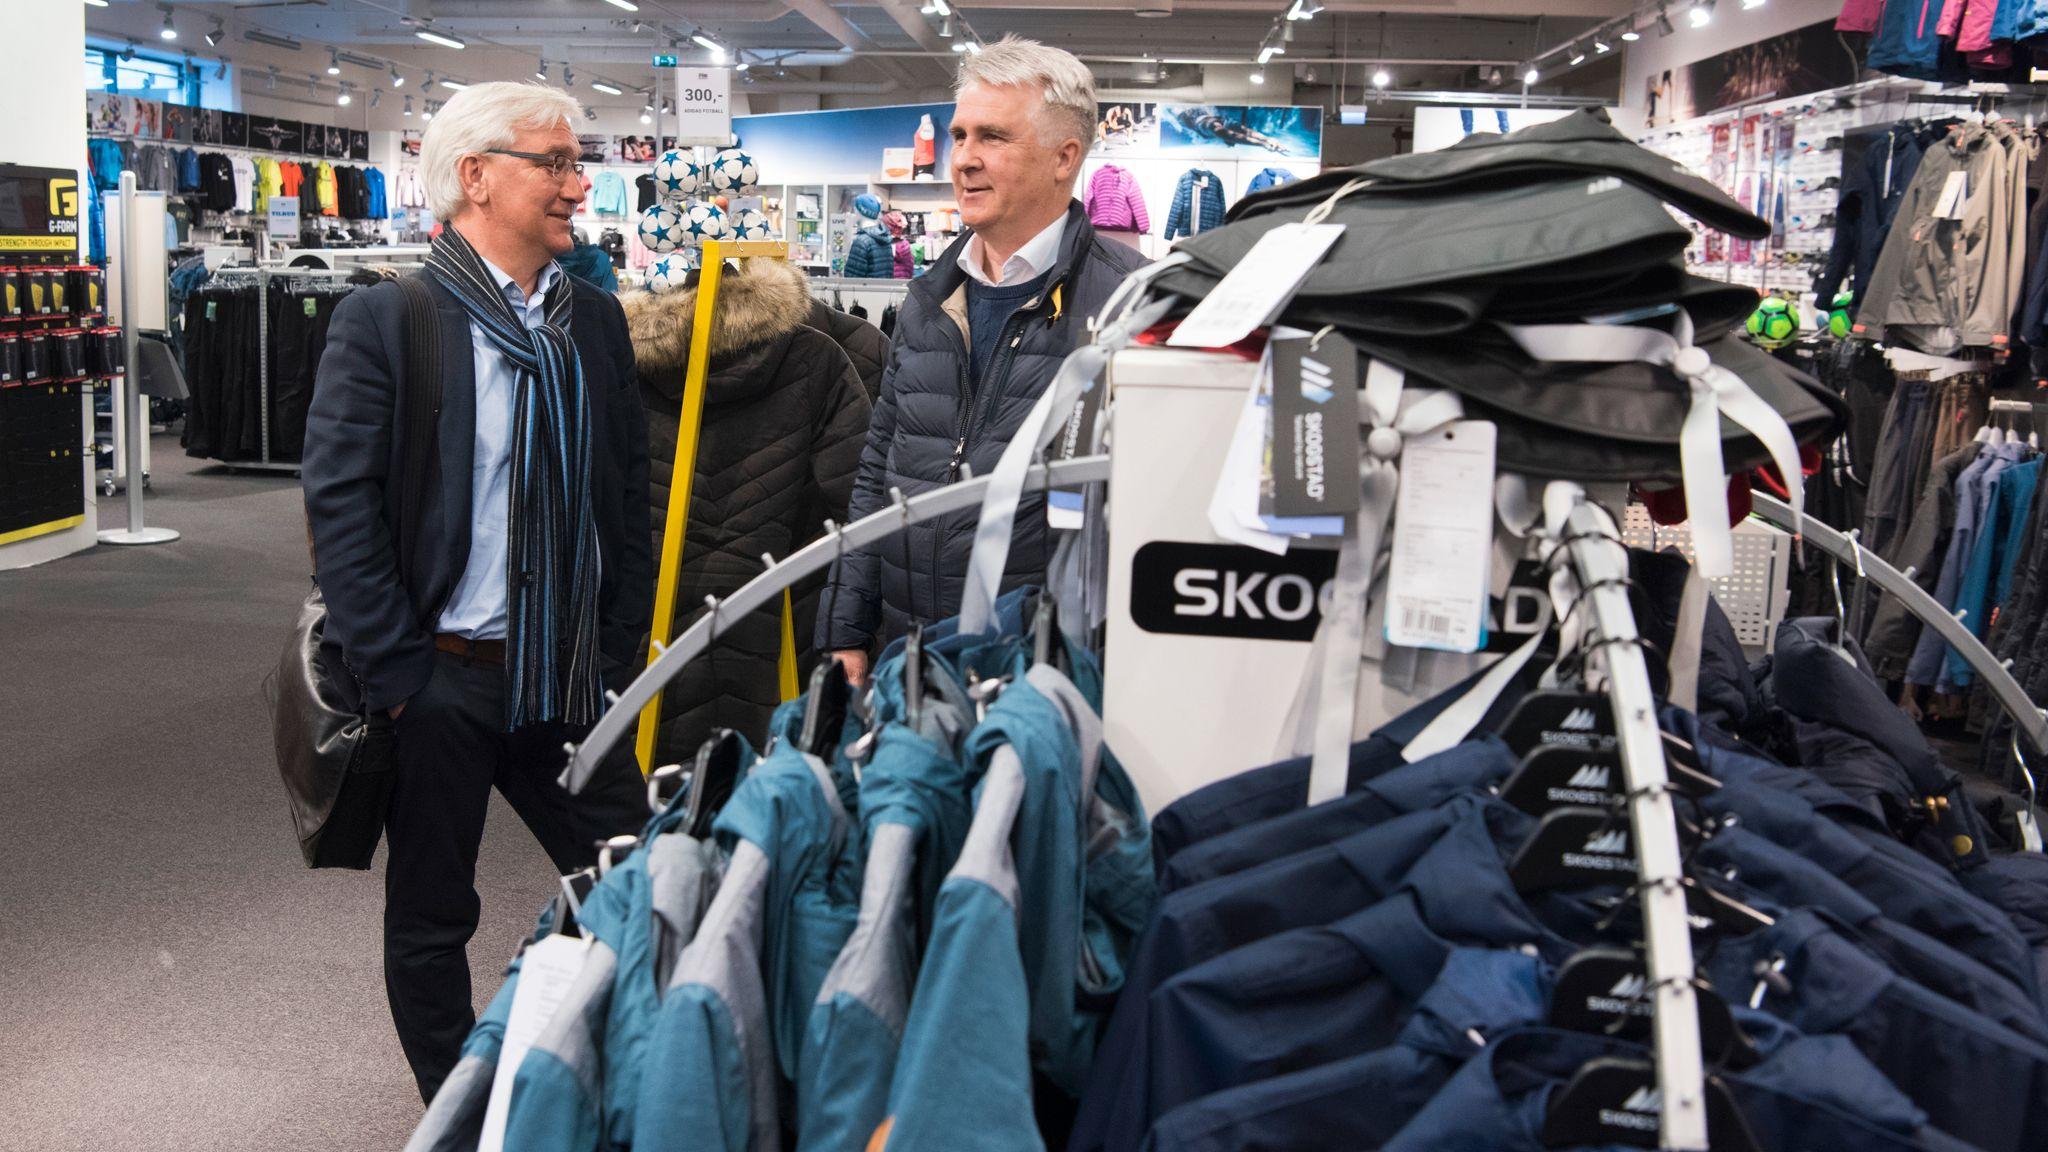 b8397b9e Slutt for MX Sport-kjeden - Stavanger Aftenblad